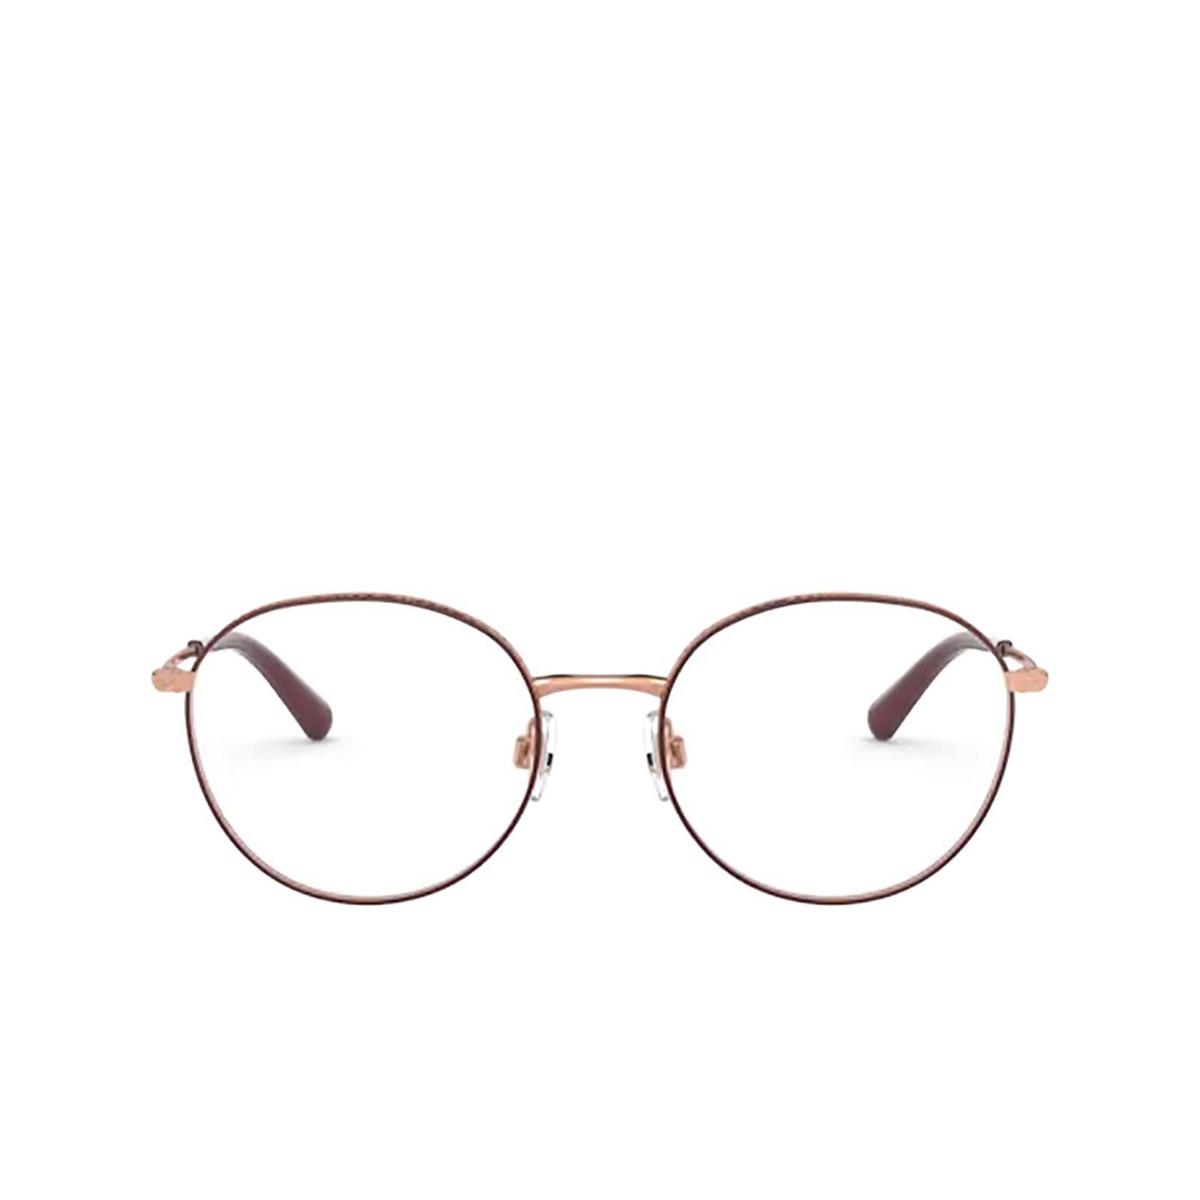 Dolce & Gabbana® Round Eyeglasses: DG1322 color Pink Gold / Bordeaux 1333 - front view.